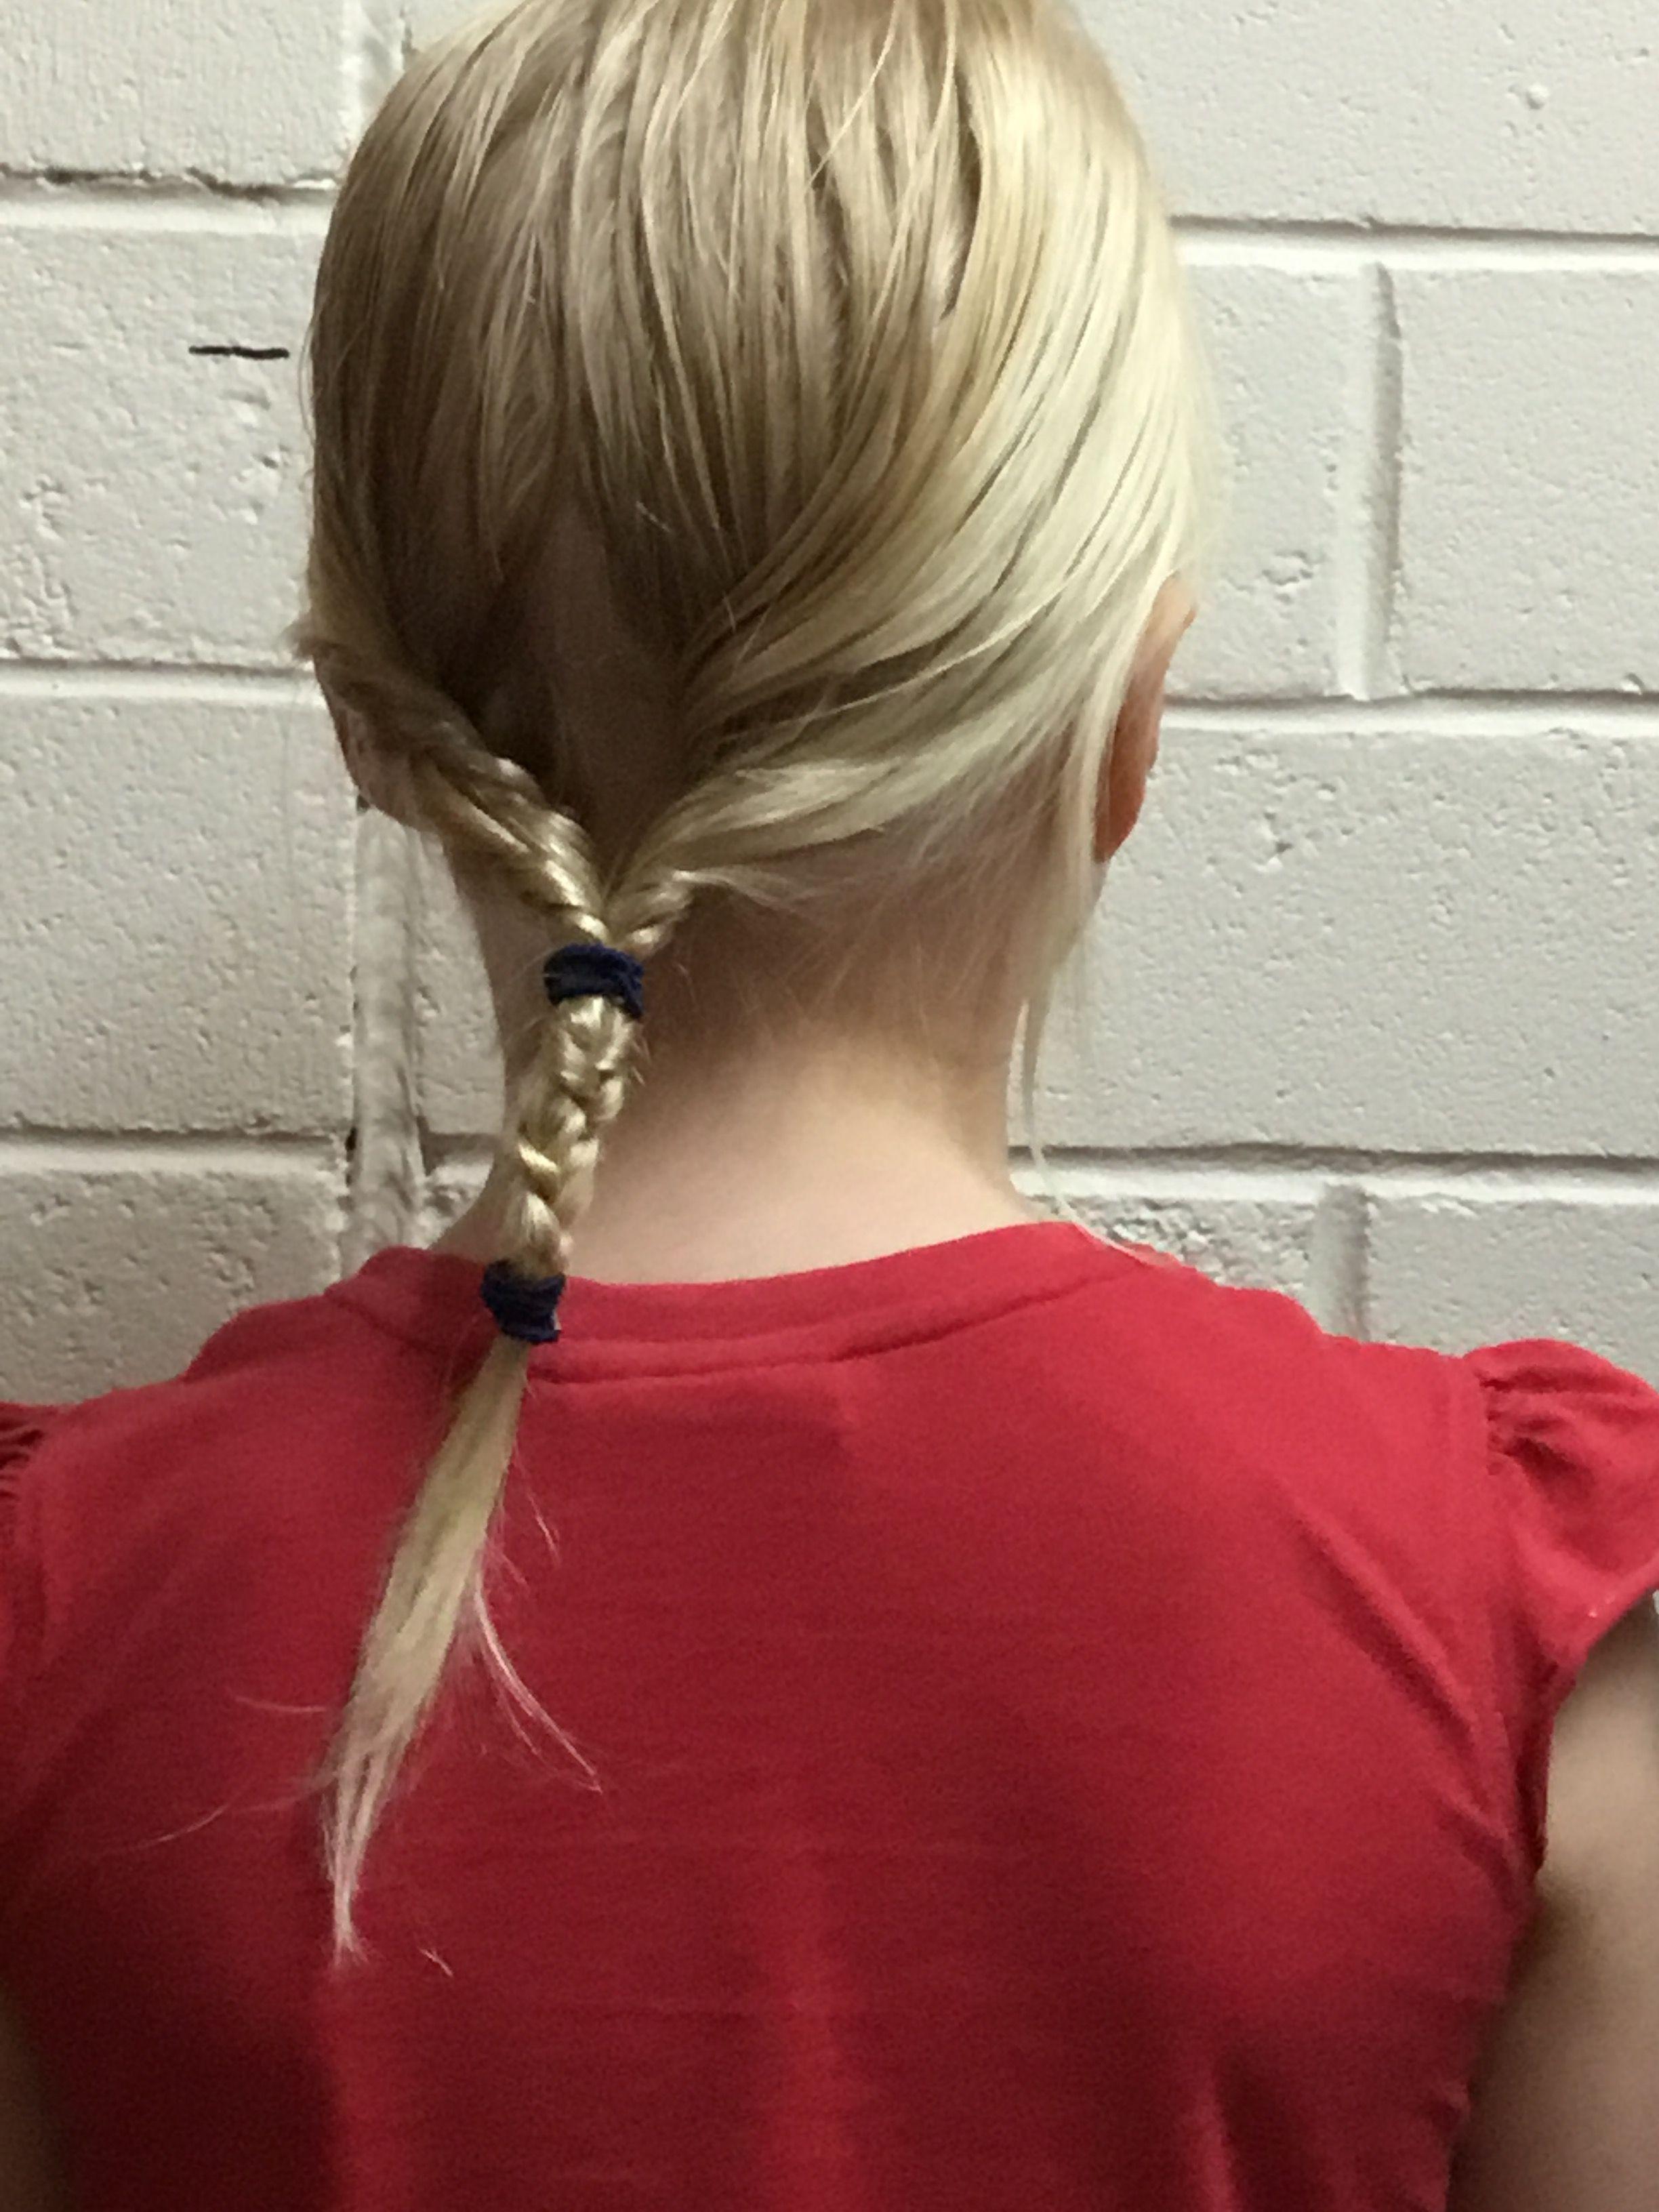 Cute easy school hair style easyhairstyles easy hairstyles